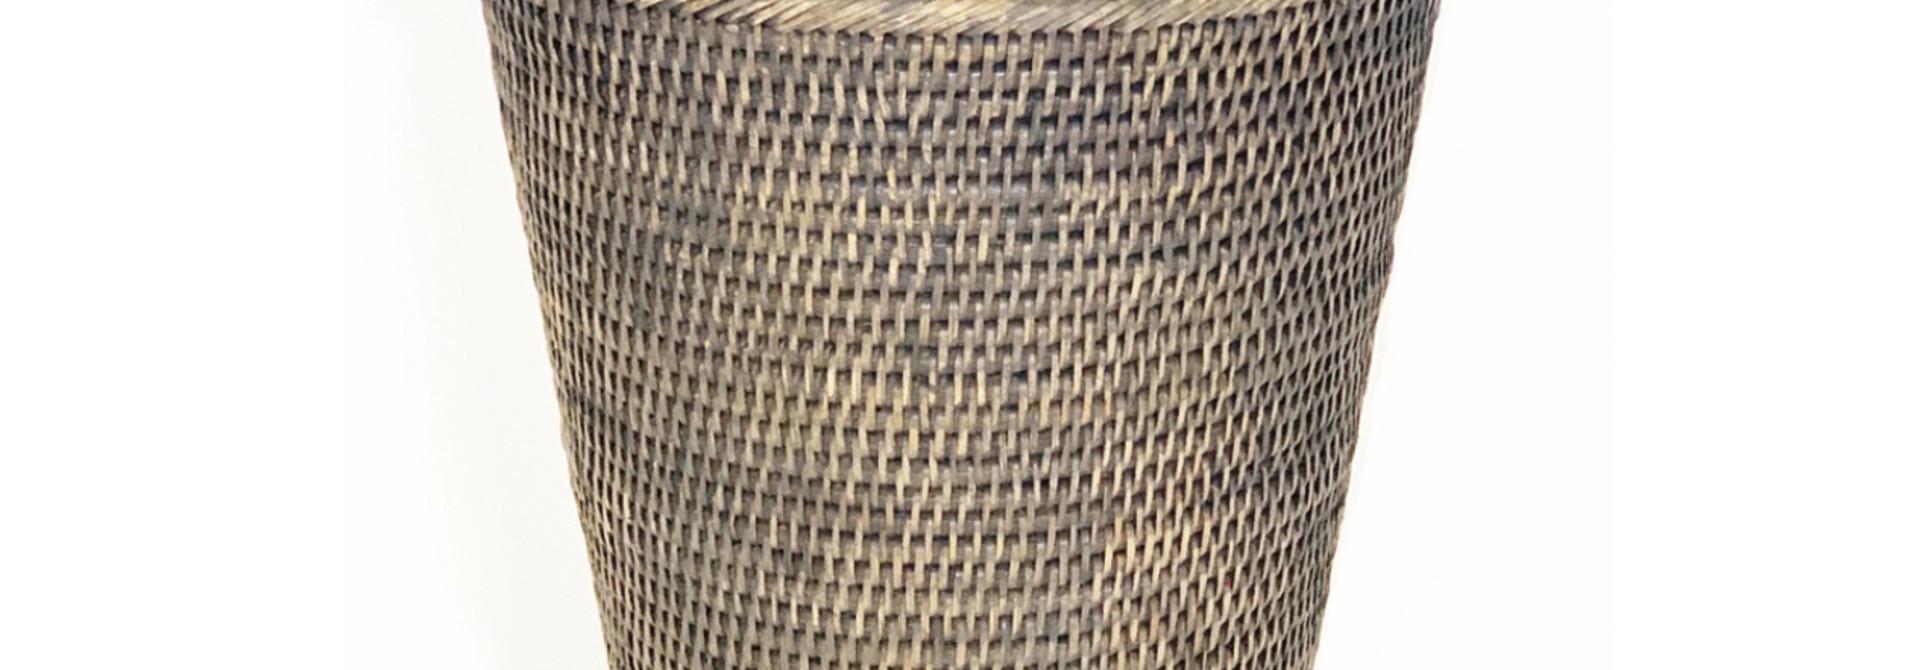 Round Waste Basket - Small